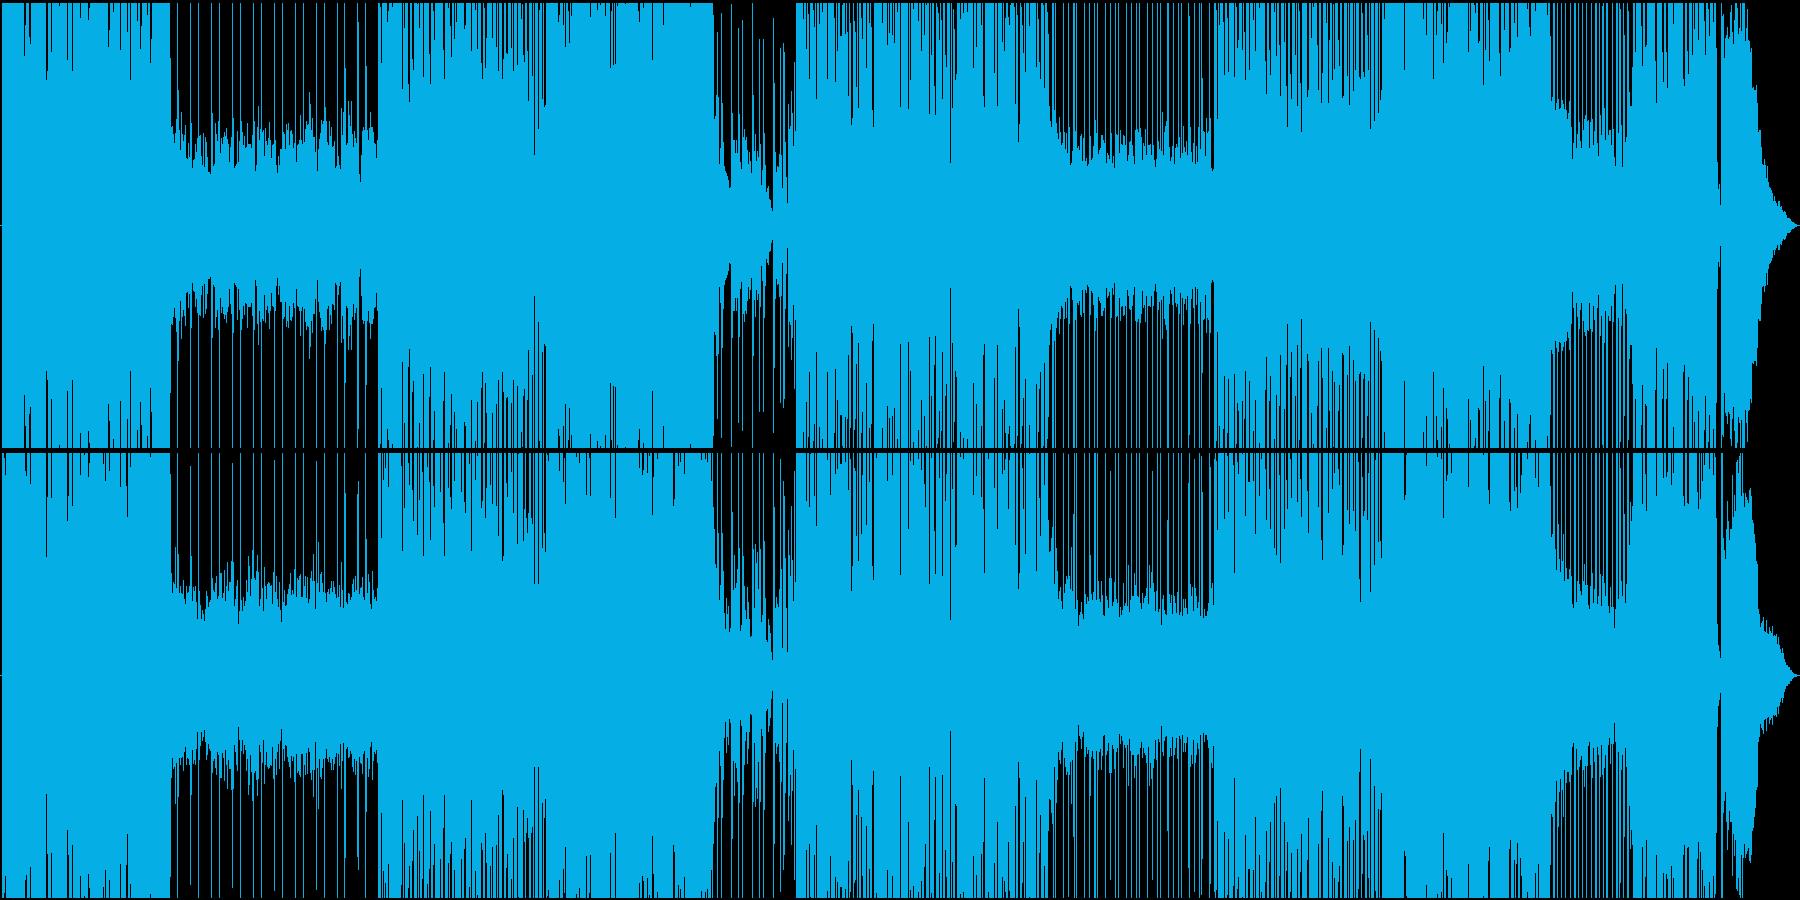 ゆったりレゲトンの爽やかシーケンスEDMの再生済みの波形